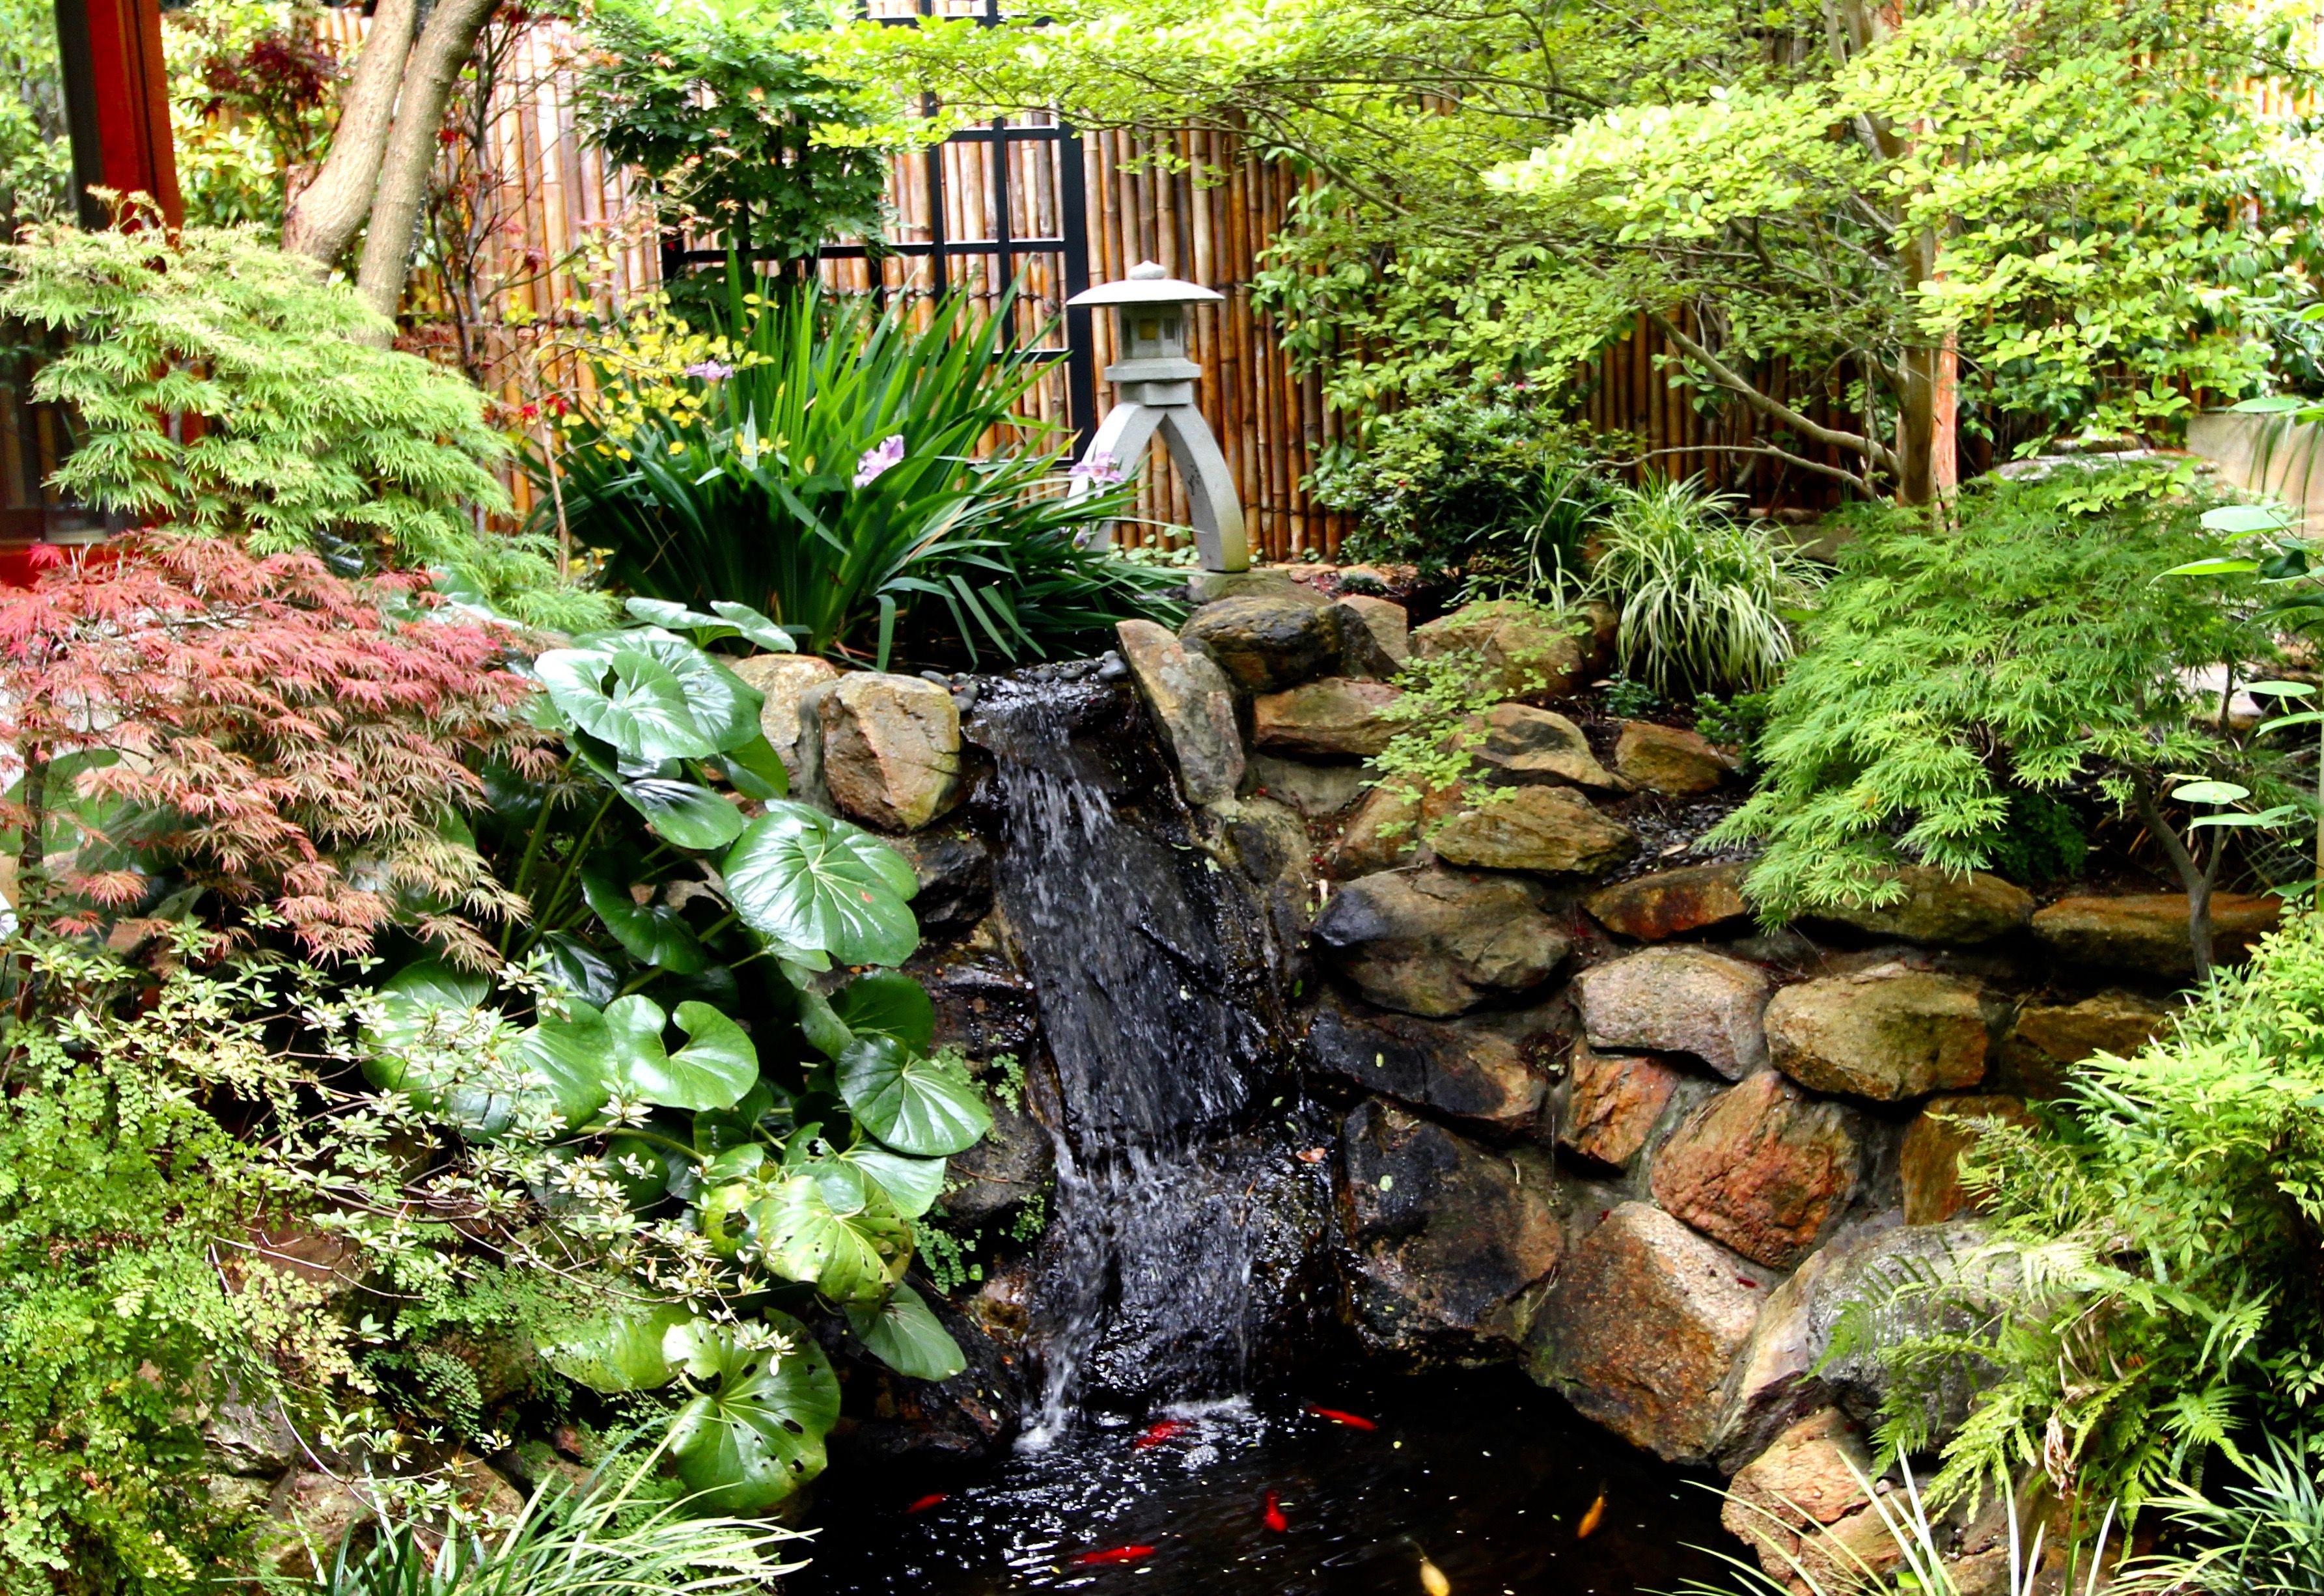 New Growth - Summer | Feng shui garden, New growth, Feng shui on Modern Feng Shui Garden  id=17203